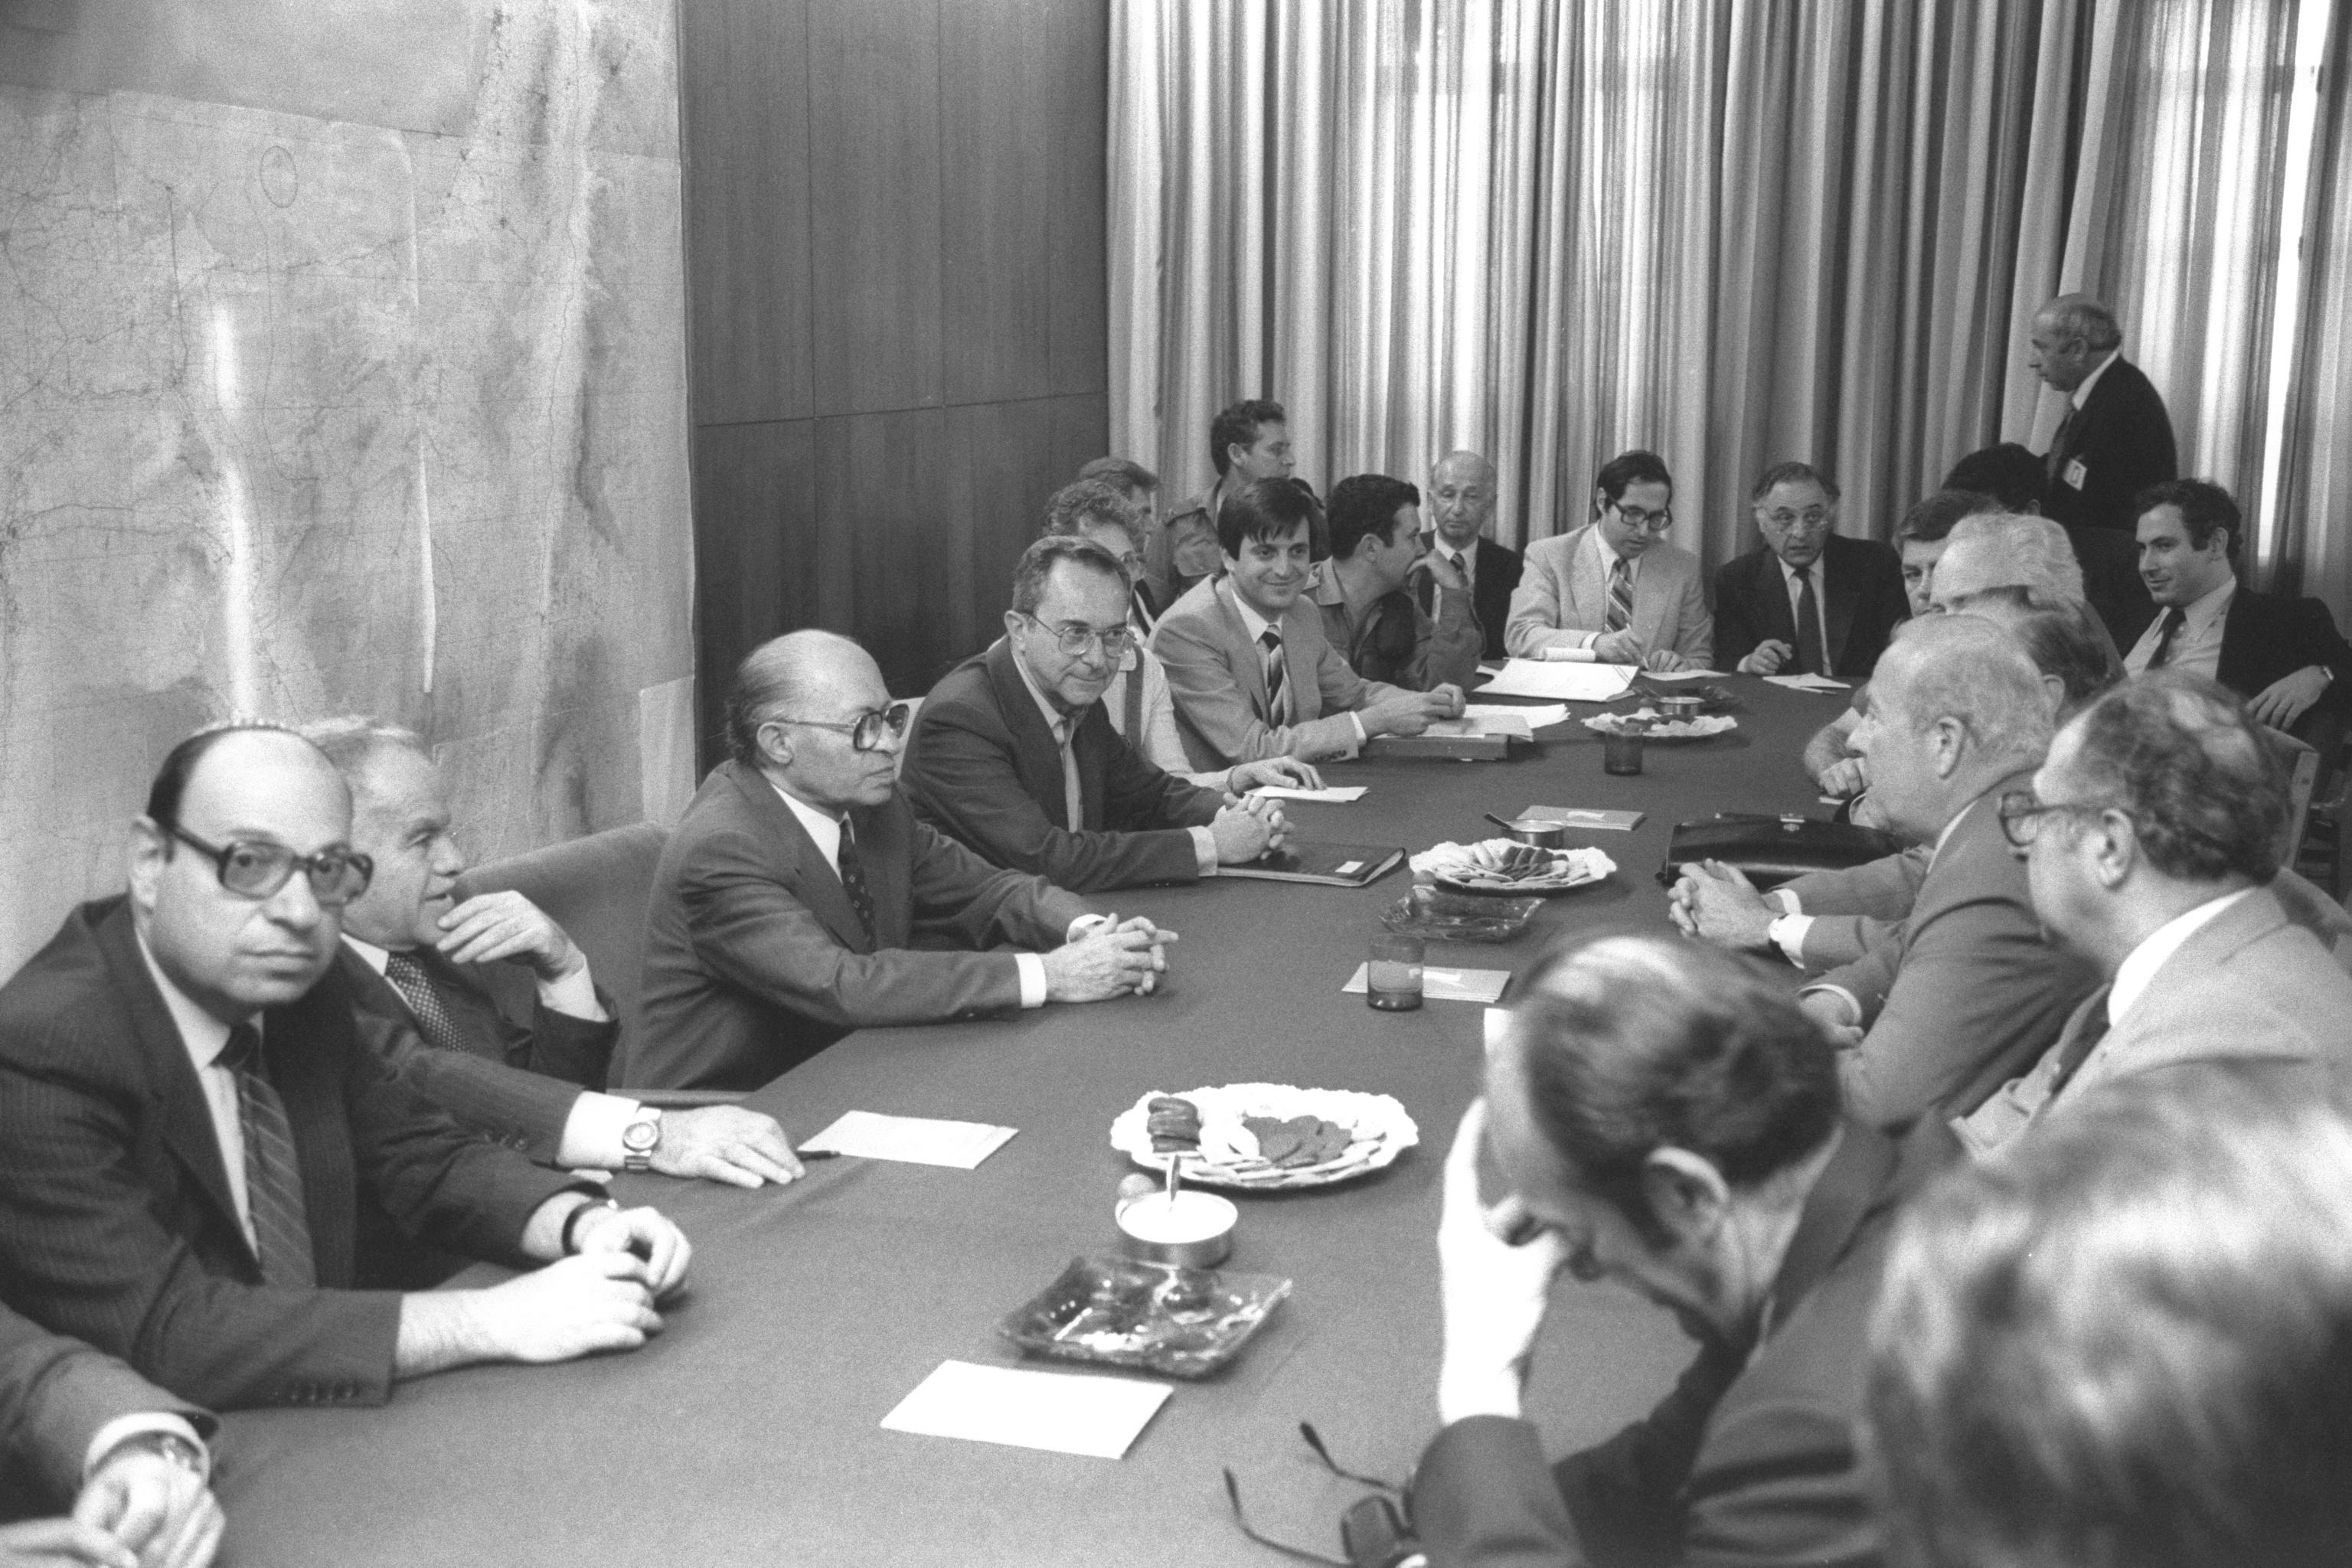 ראש הממשלה מנחם בגין ומזכיר המדינה האמריקאיח, ג